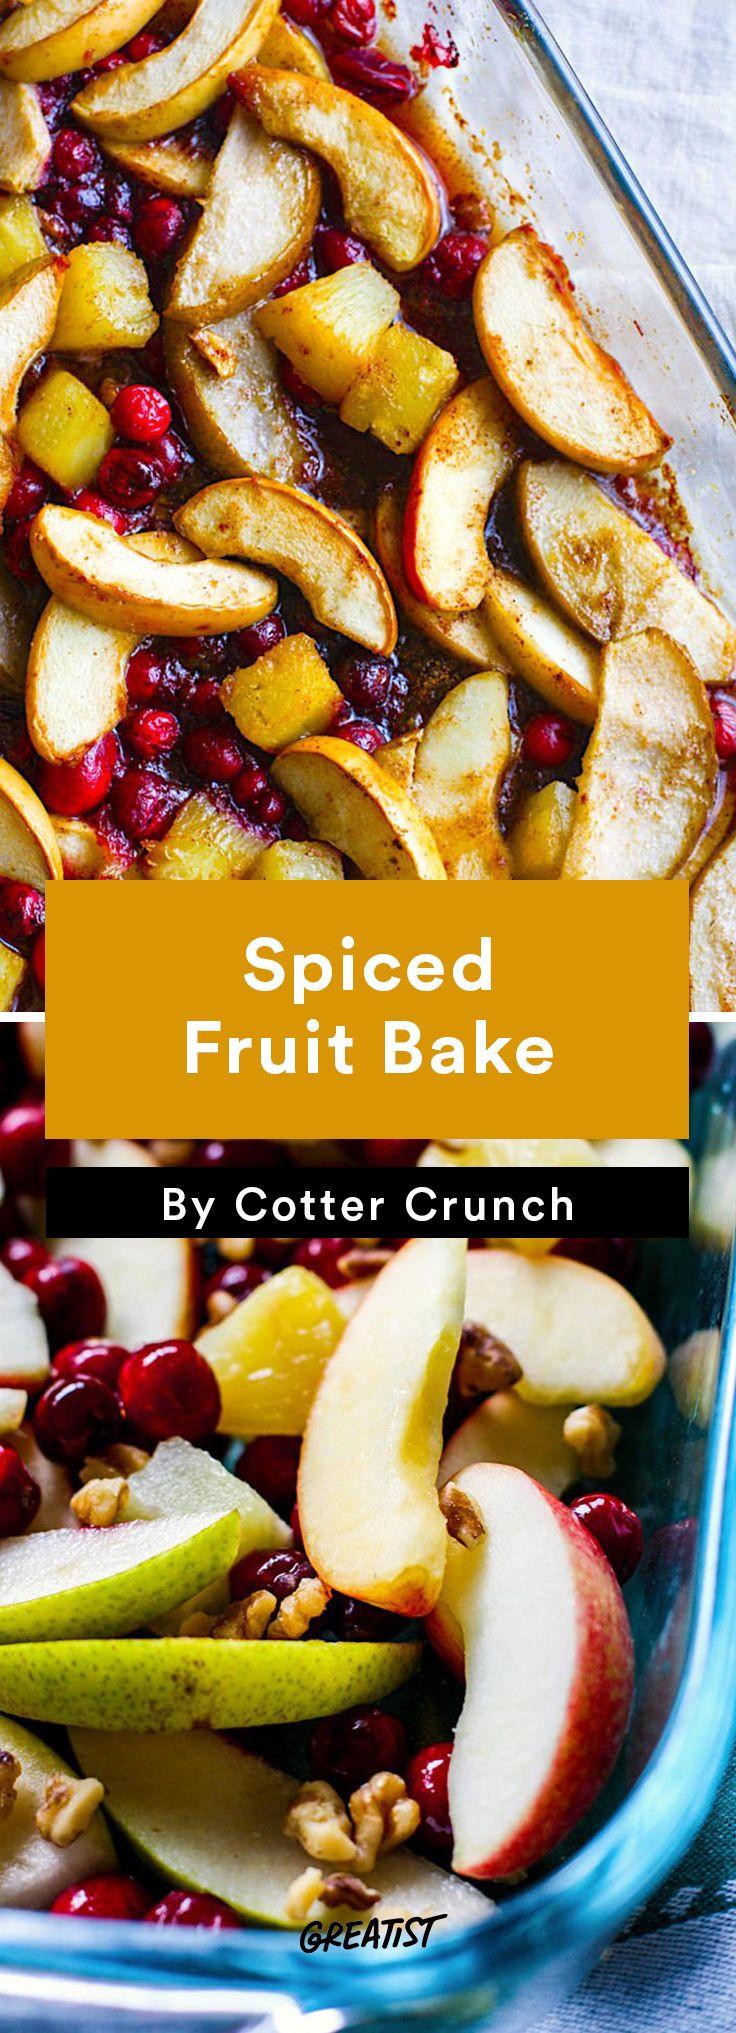 Healthy Fall Breakfast Recipes  Best 25 Fall breakfast ideas on Pinterest